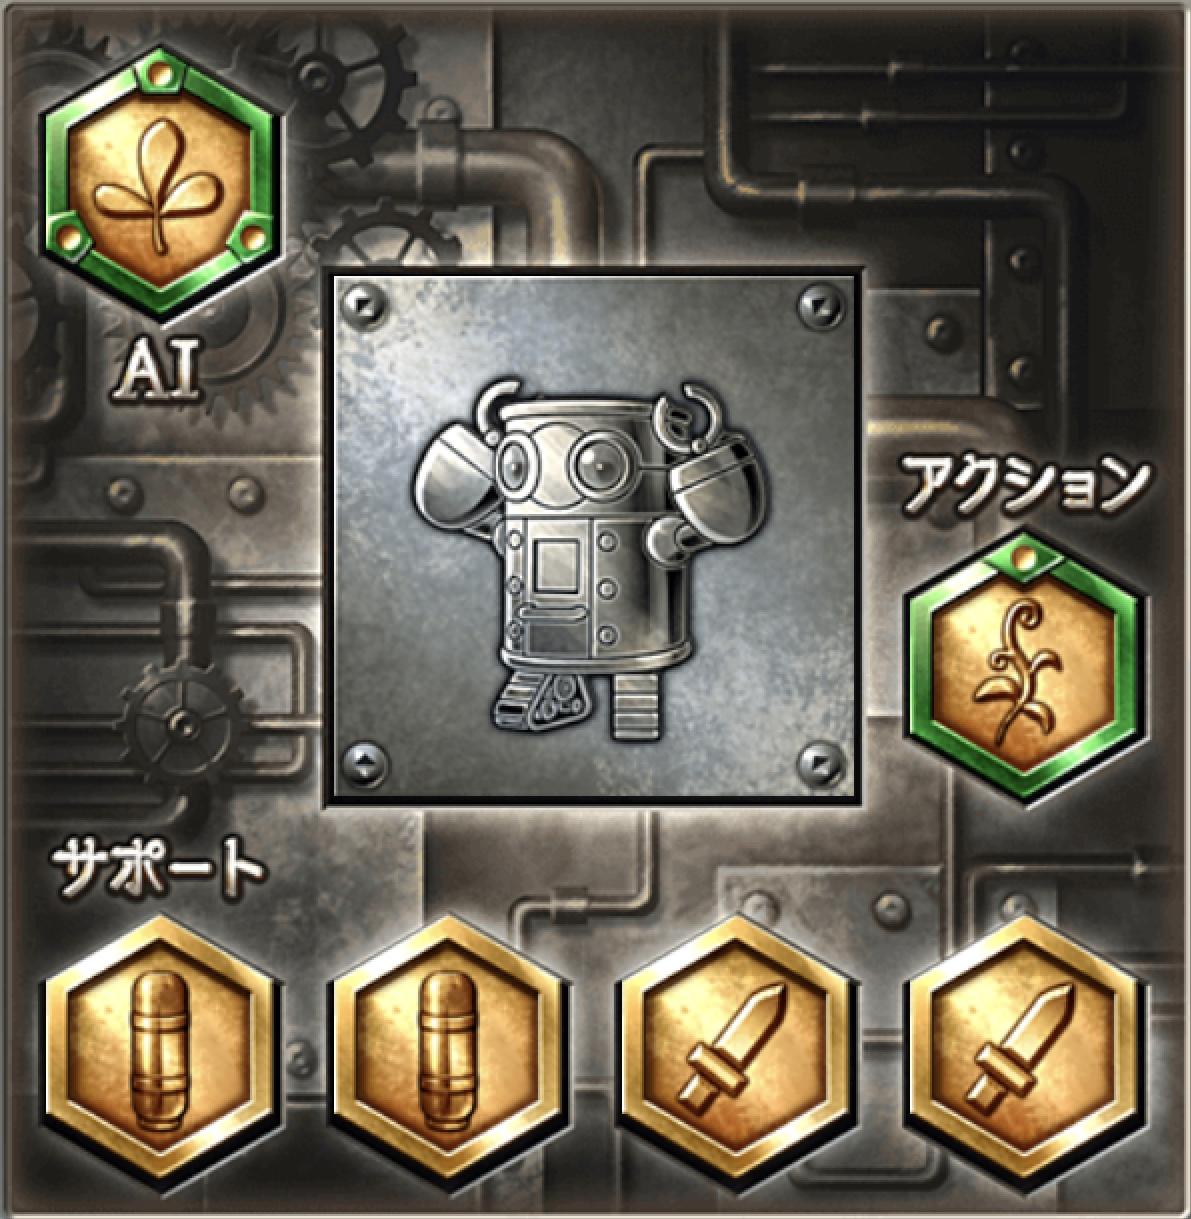 ケルベロス・フェンリル討滅戦 (2018年2月) フェンリル(HELL120) コンパニオン編成